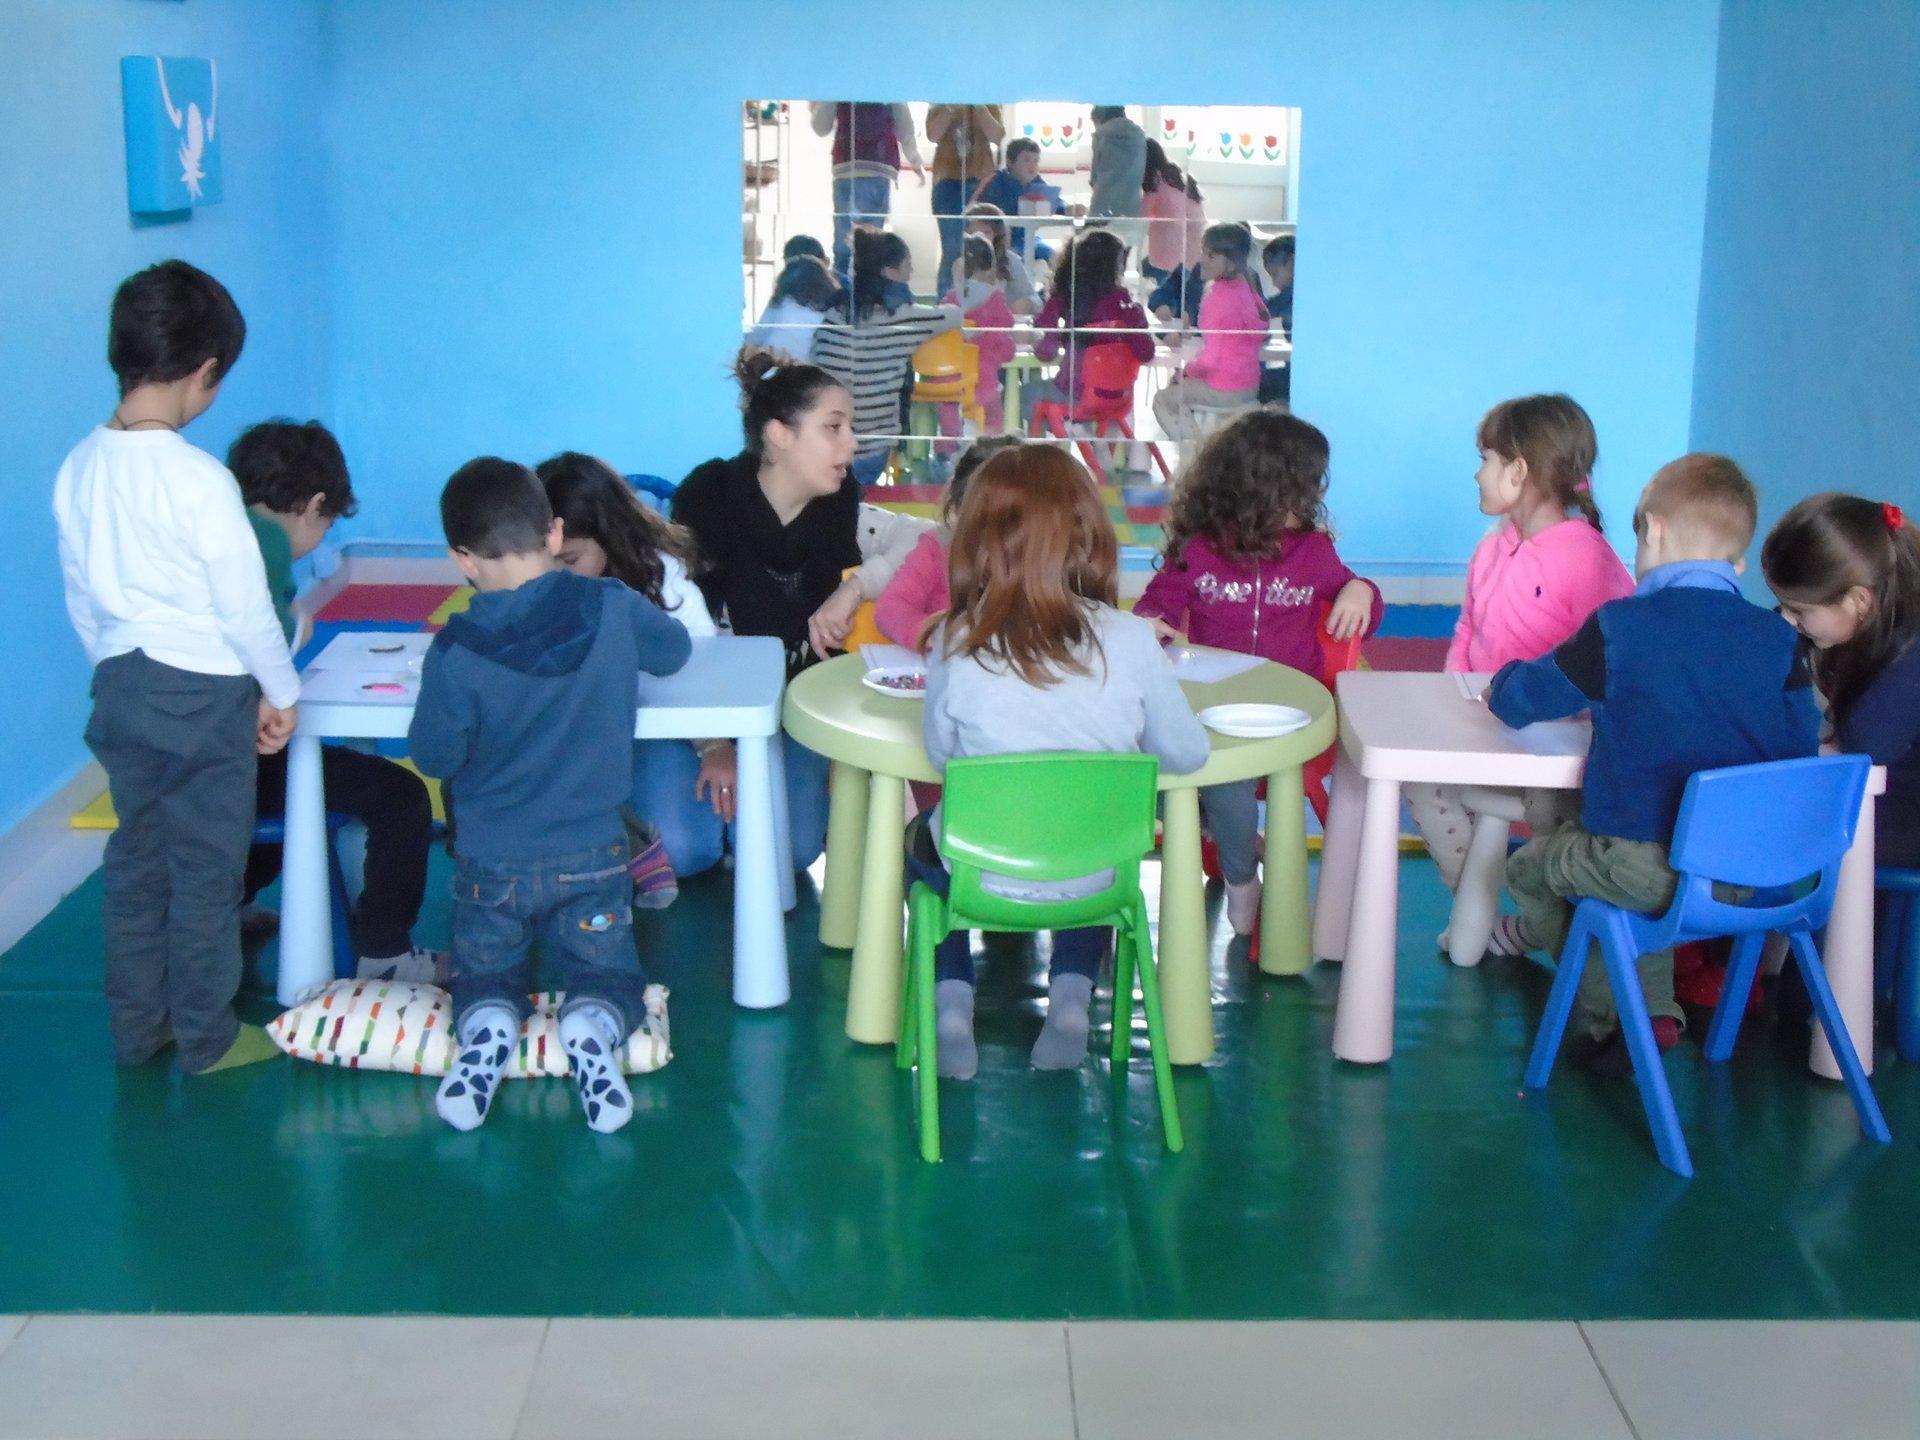 bambini festeggia compleanno in una stanza azzurra